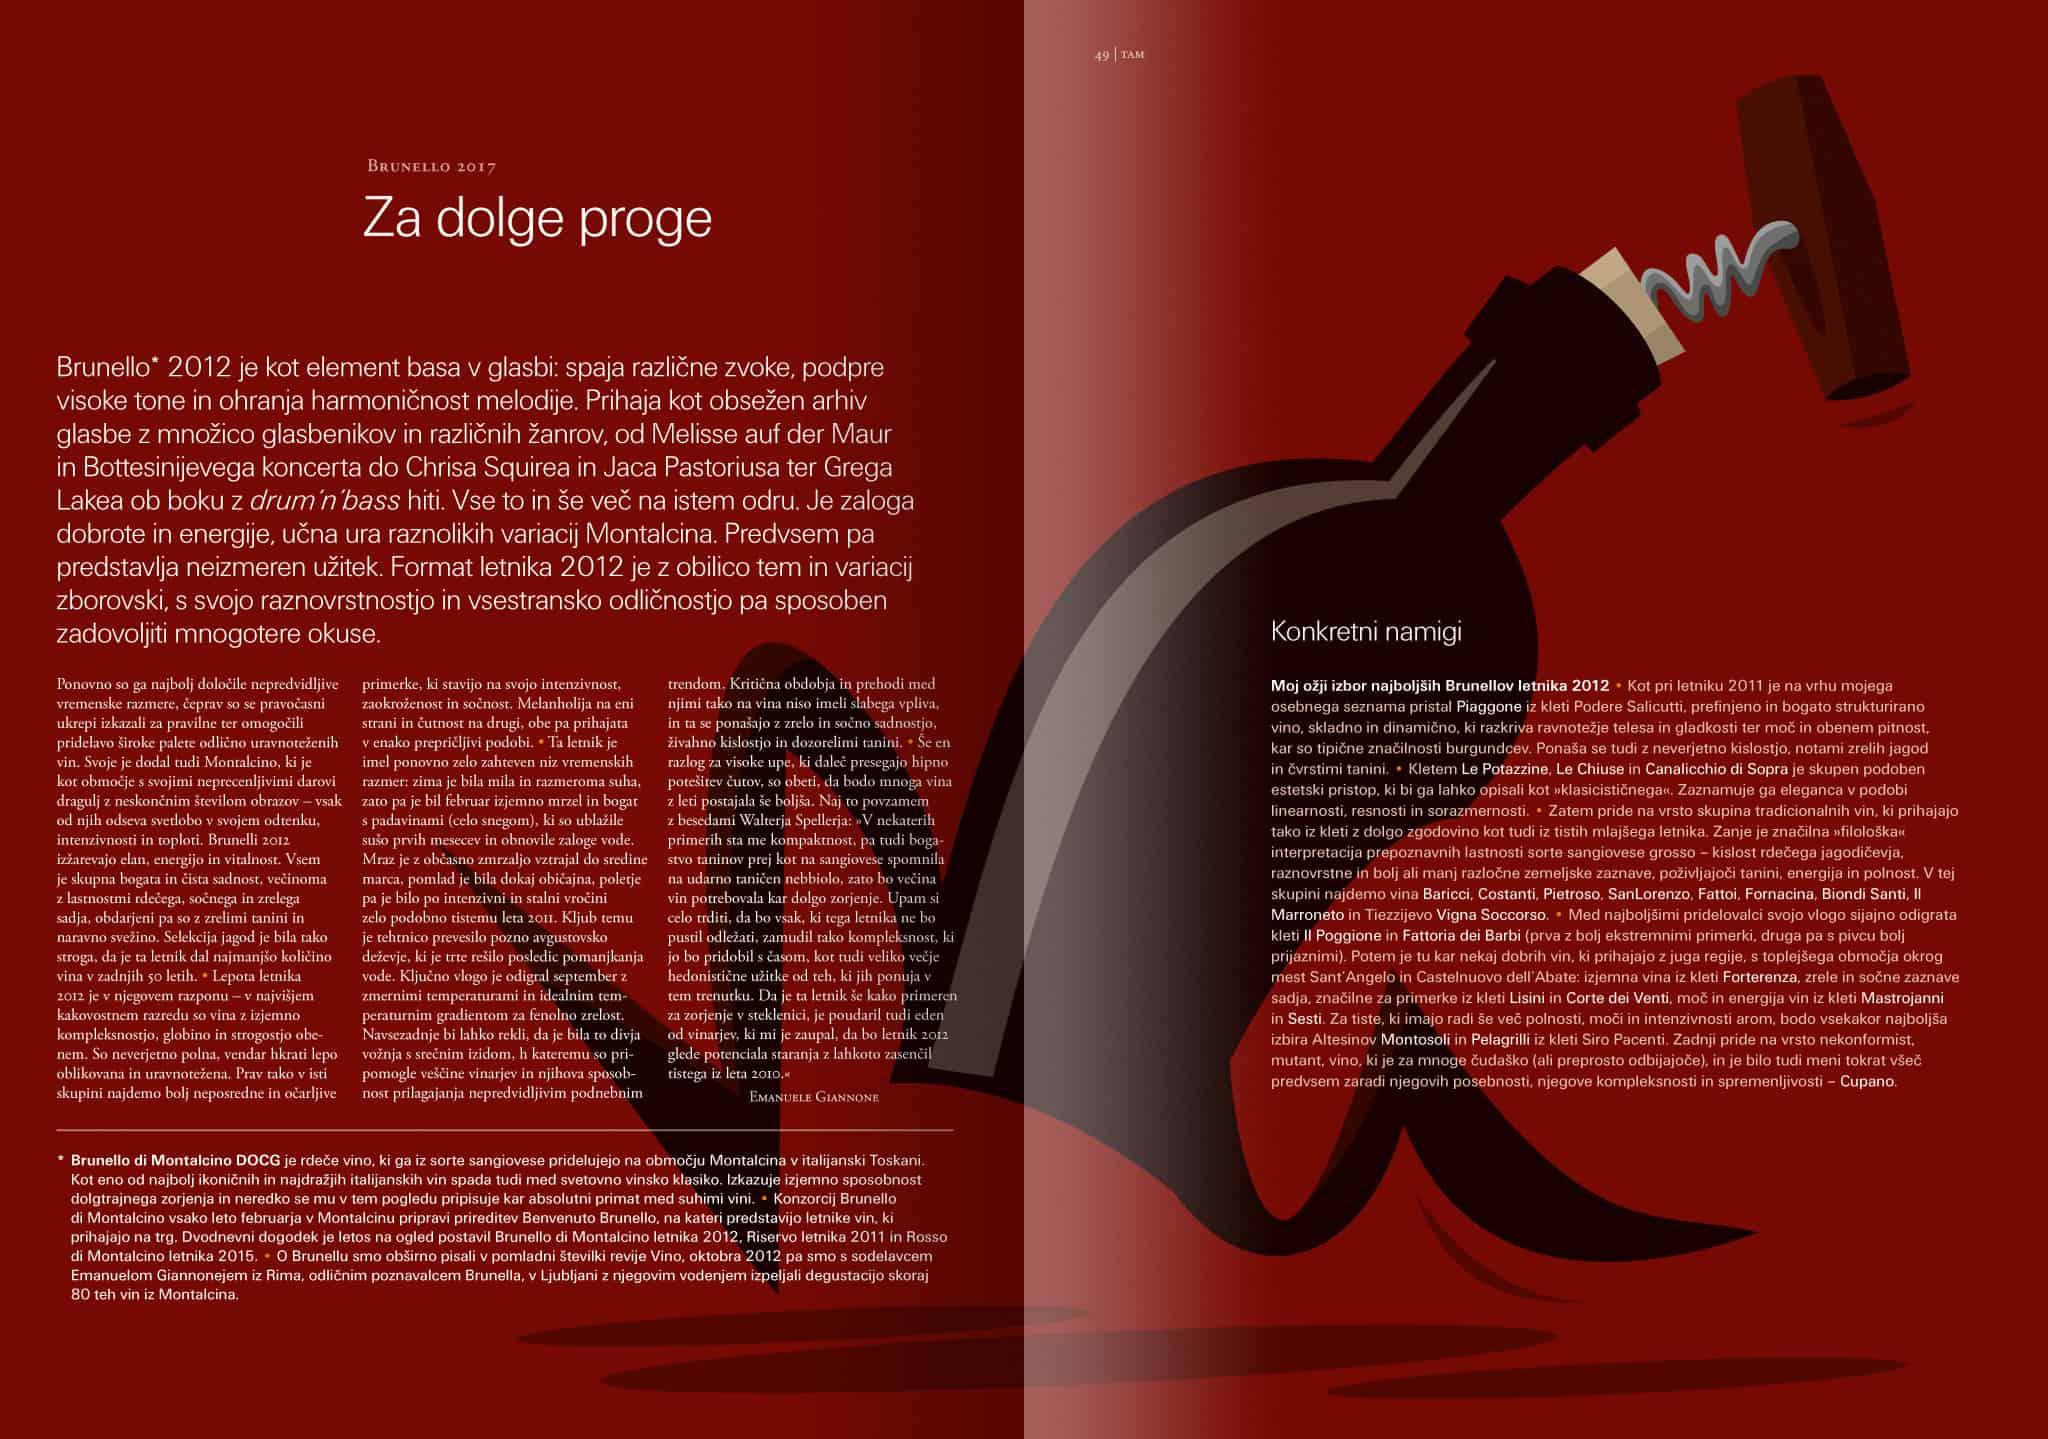 Revija Vino, poletje 2017, strani 48 in 49 – članek Brunello 2017: Za dolge proge · Naročnik: Revija Vino · Ilustracija: Marijan Močivnik · 2017